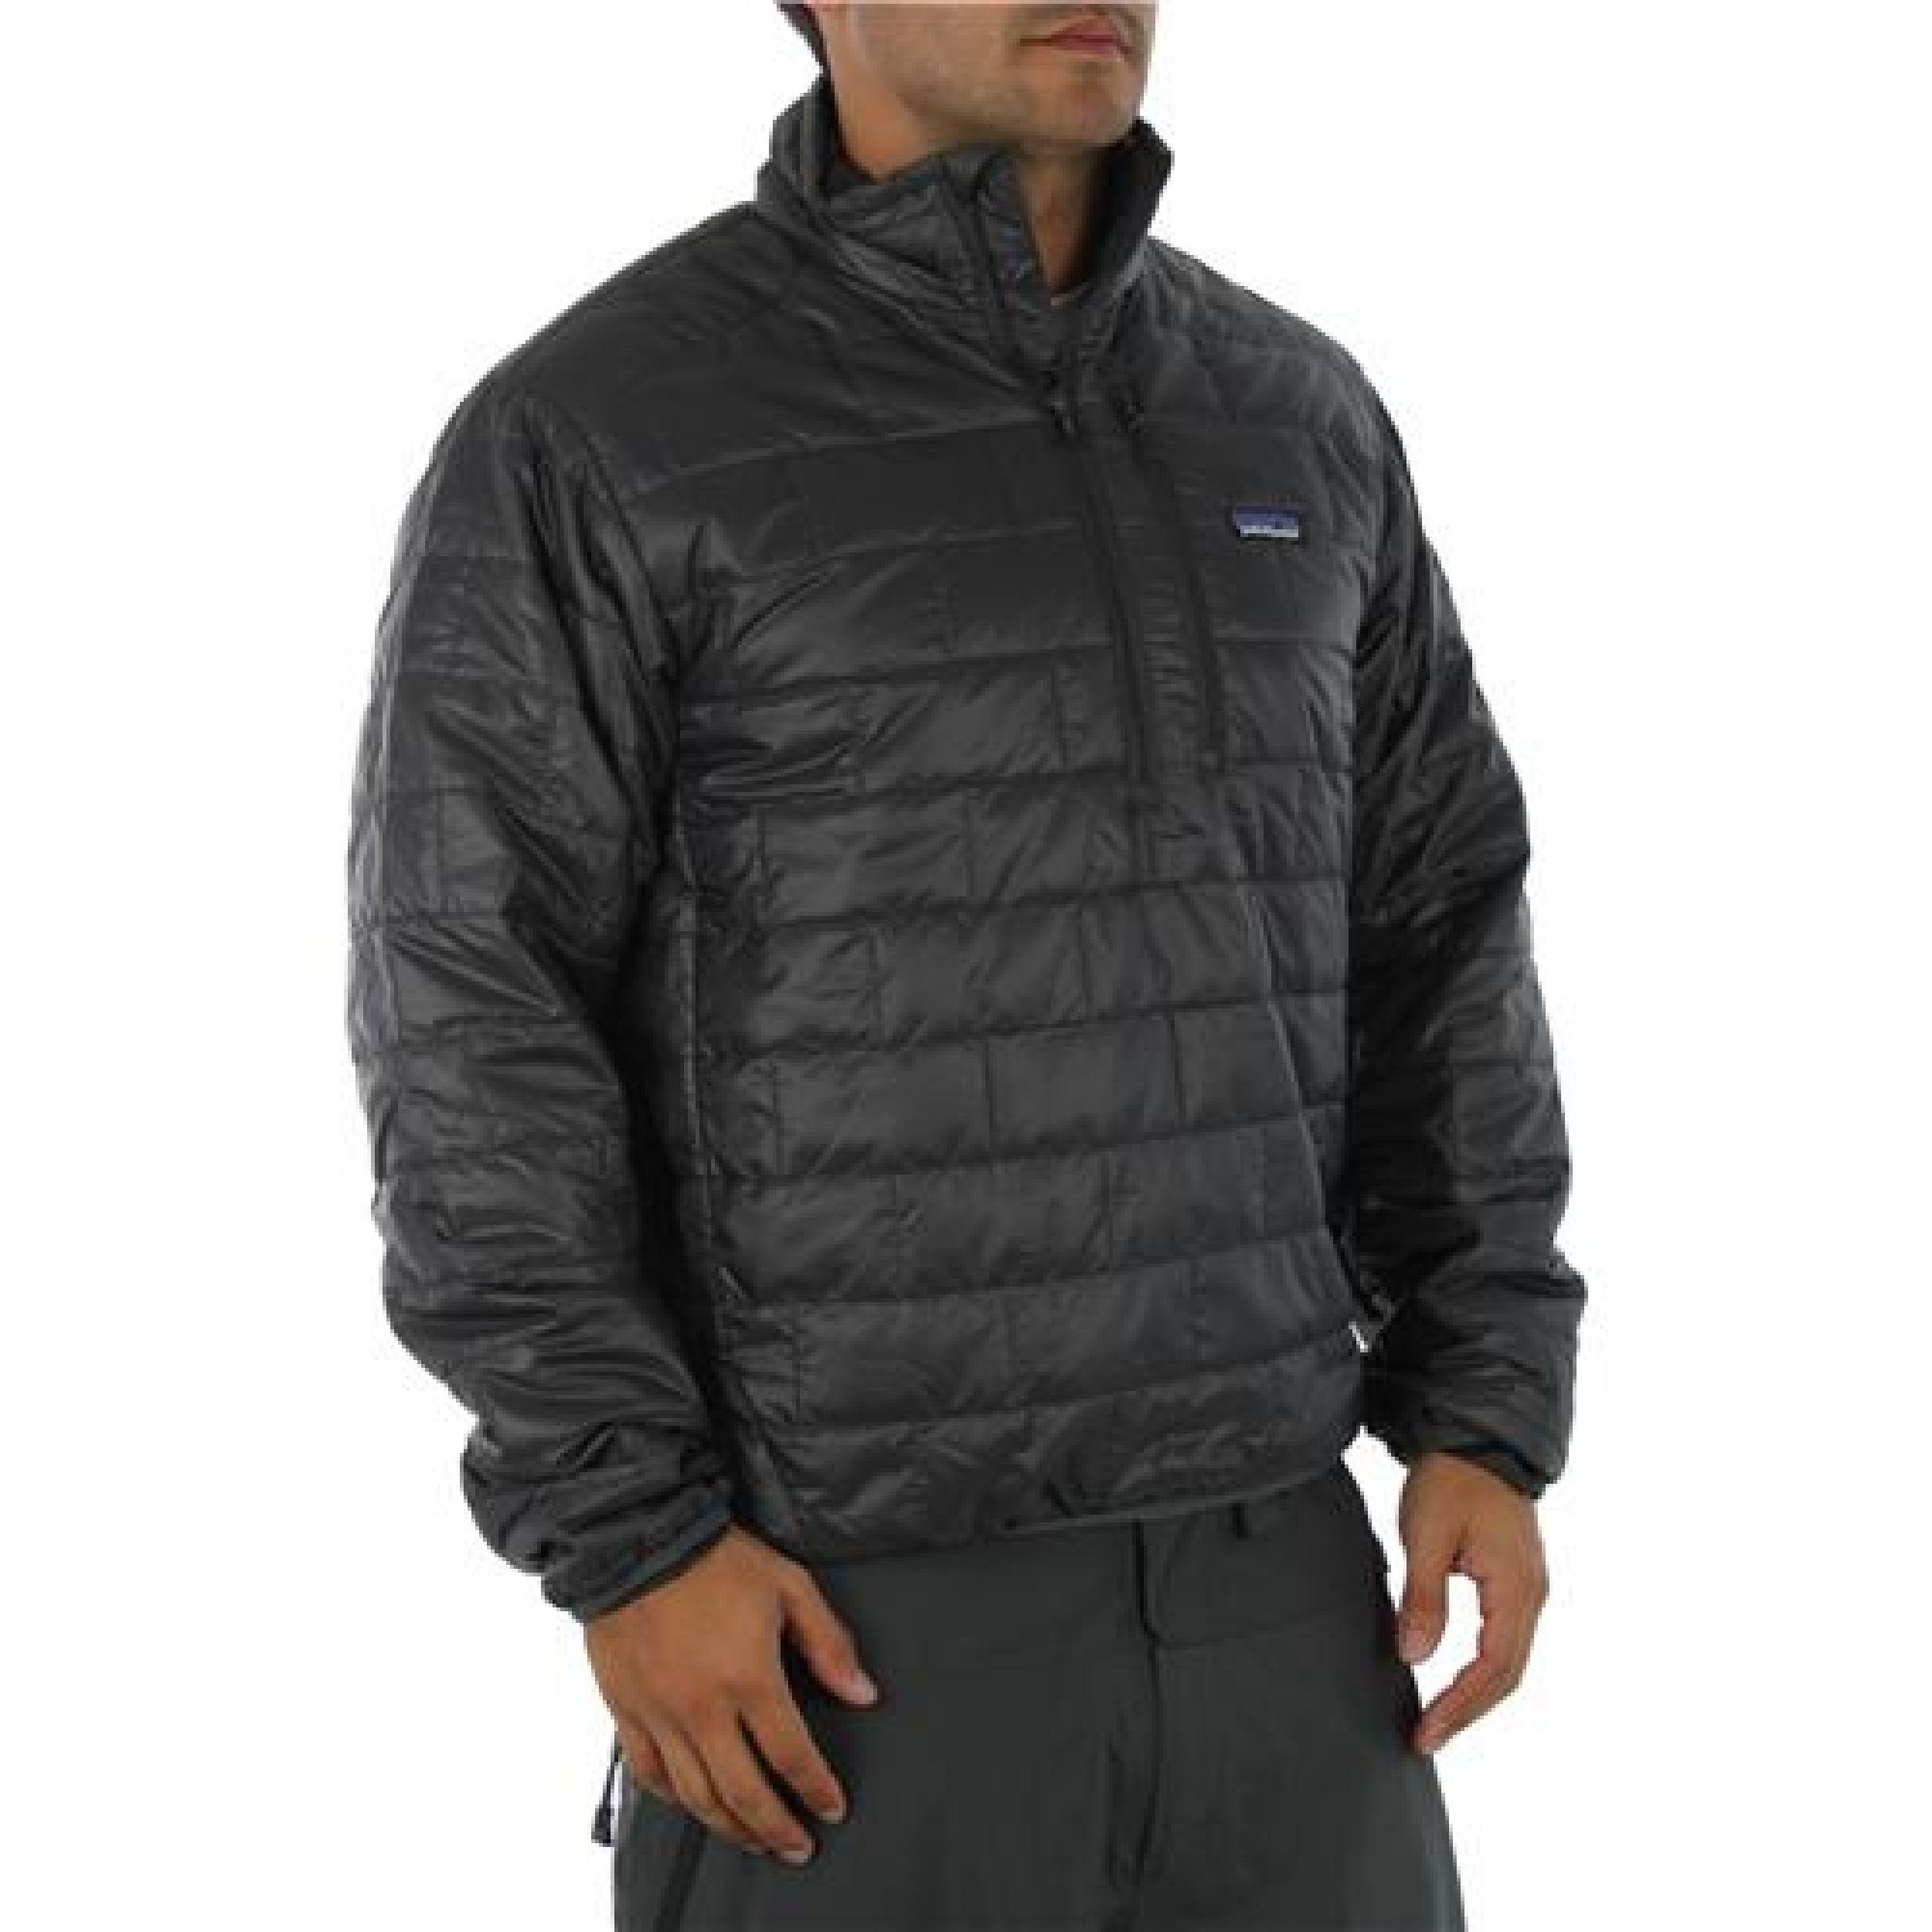 Patagonia-Nano-Puff-Pullover-Jacket_3.jpg